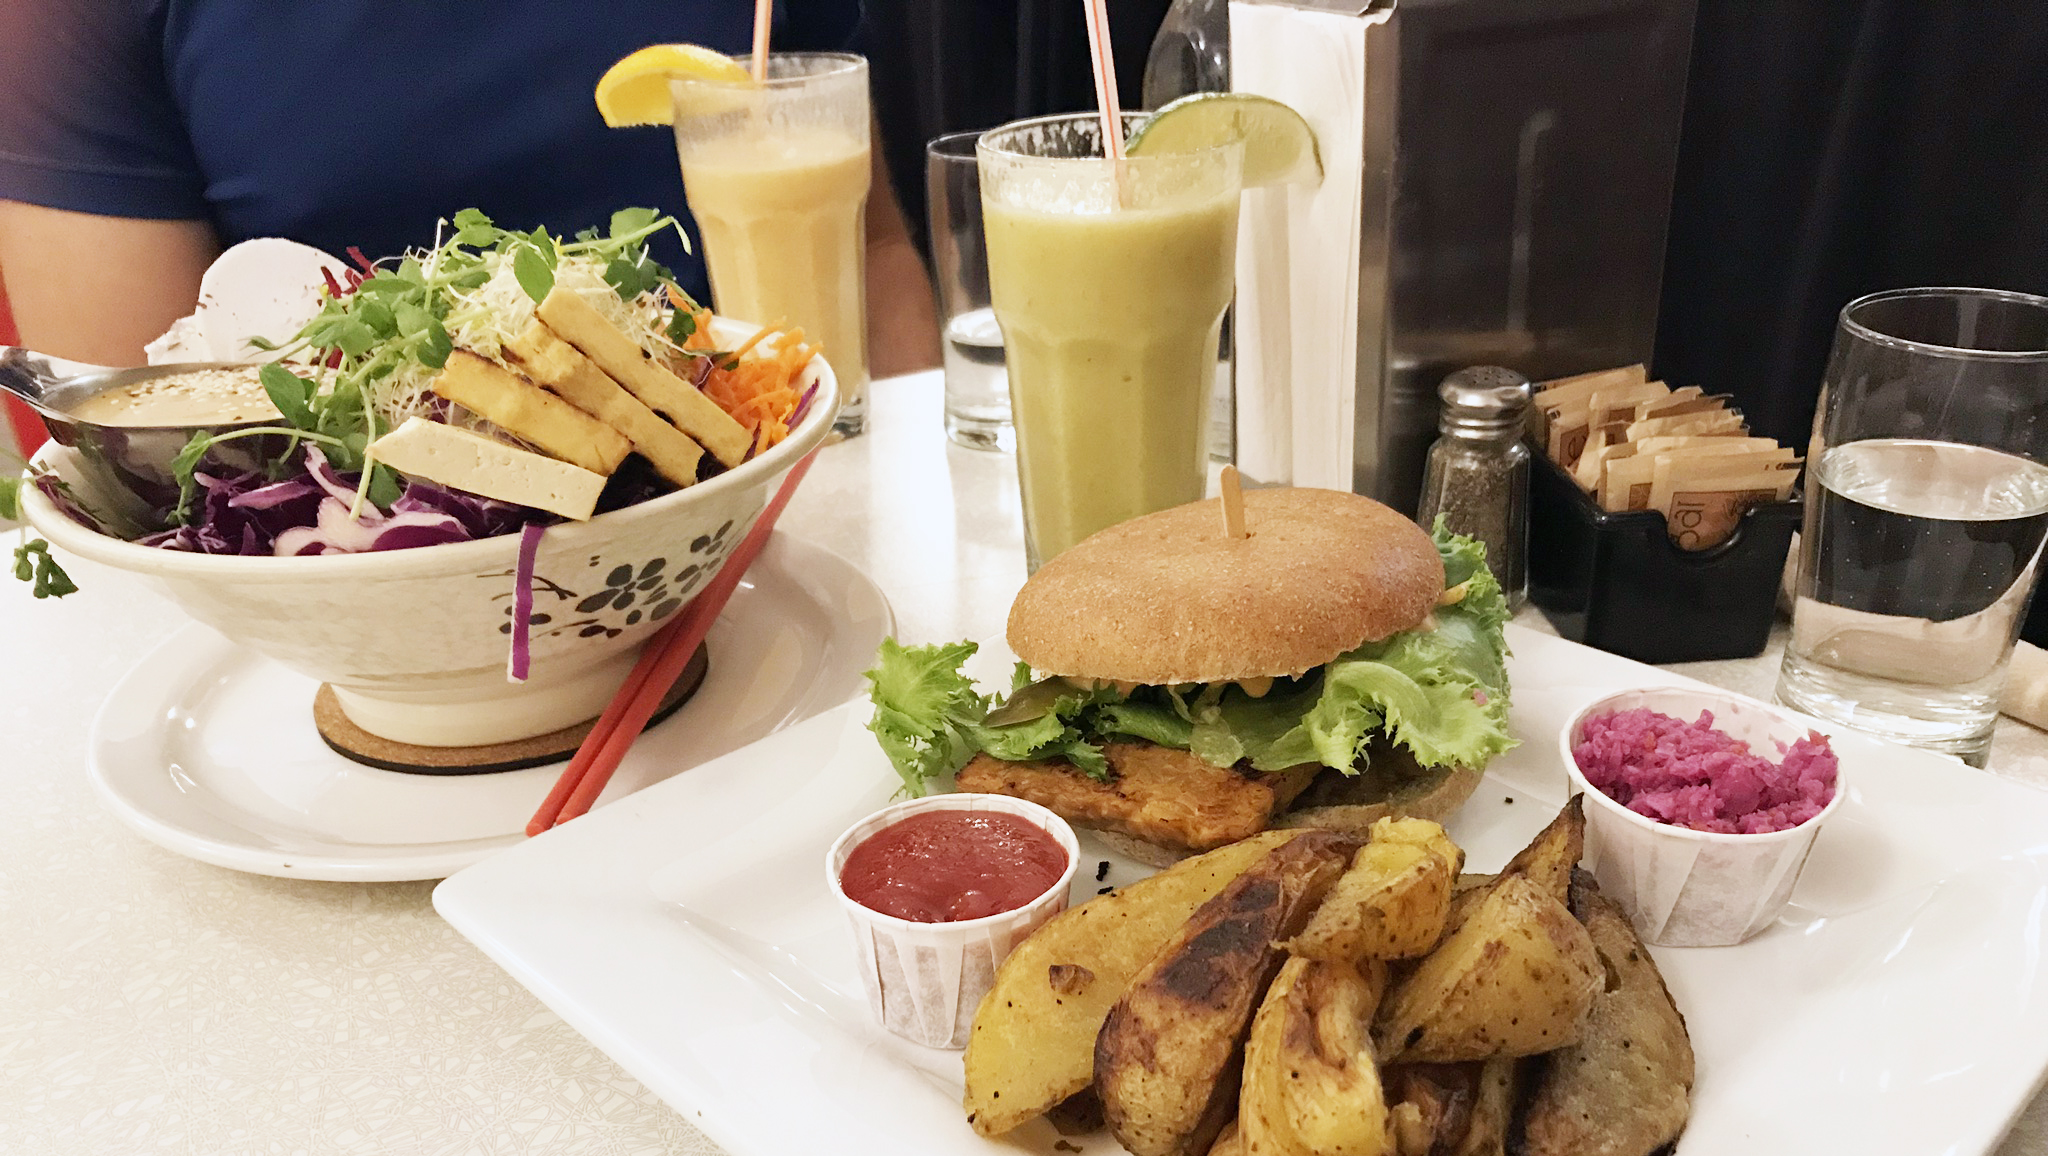 Aux Vivres - Dishes - The Dragon Bowl & Tempeh Burger